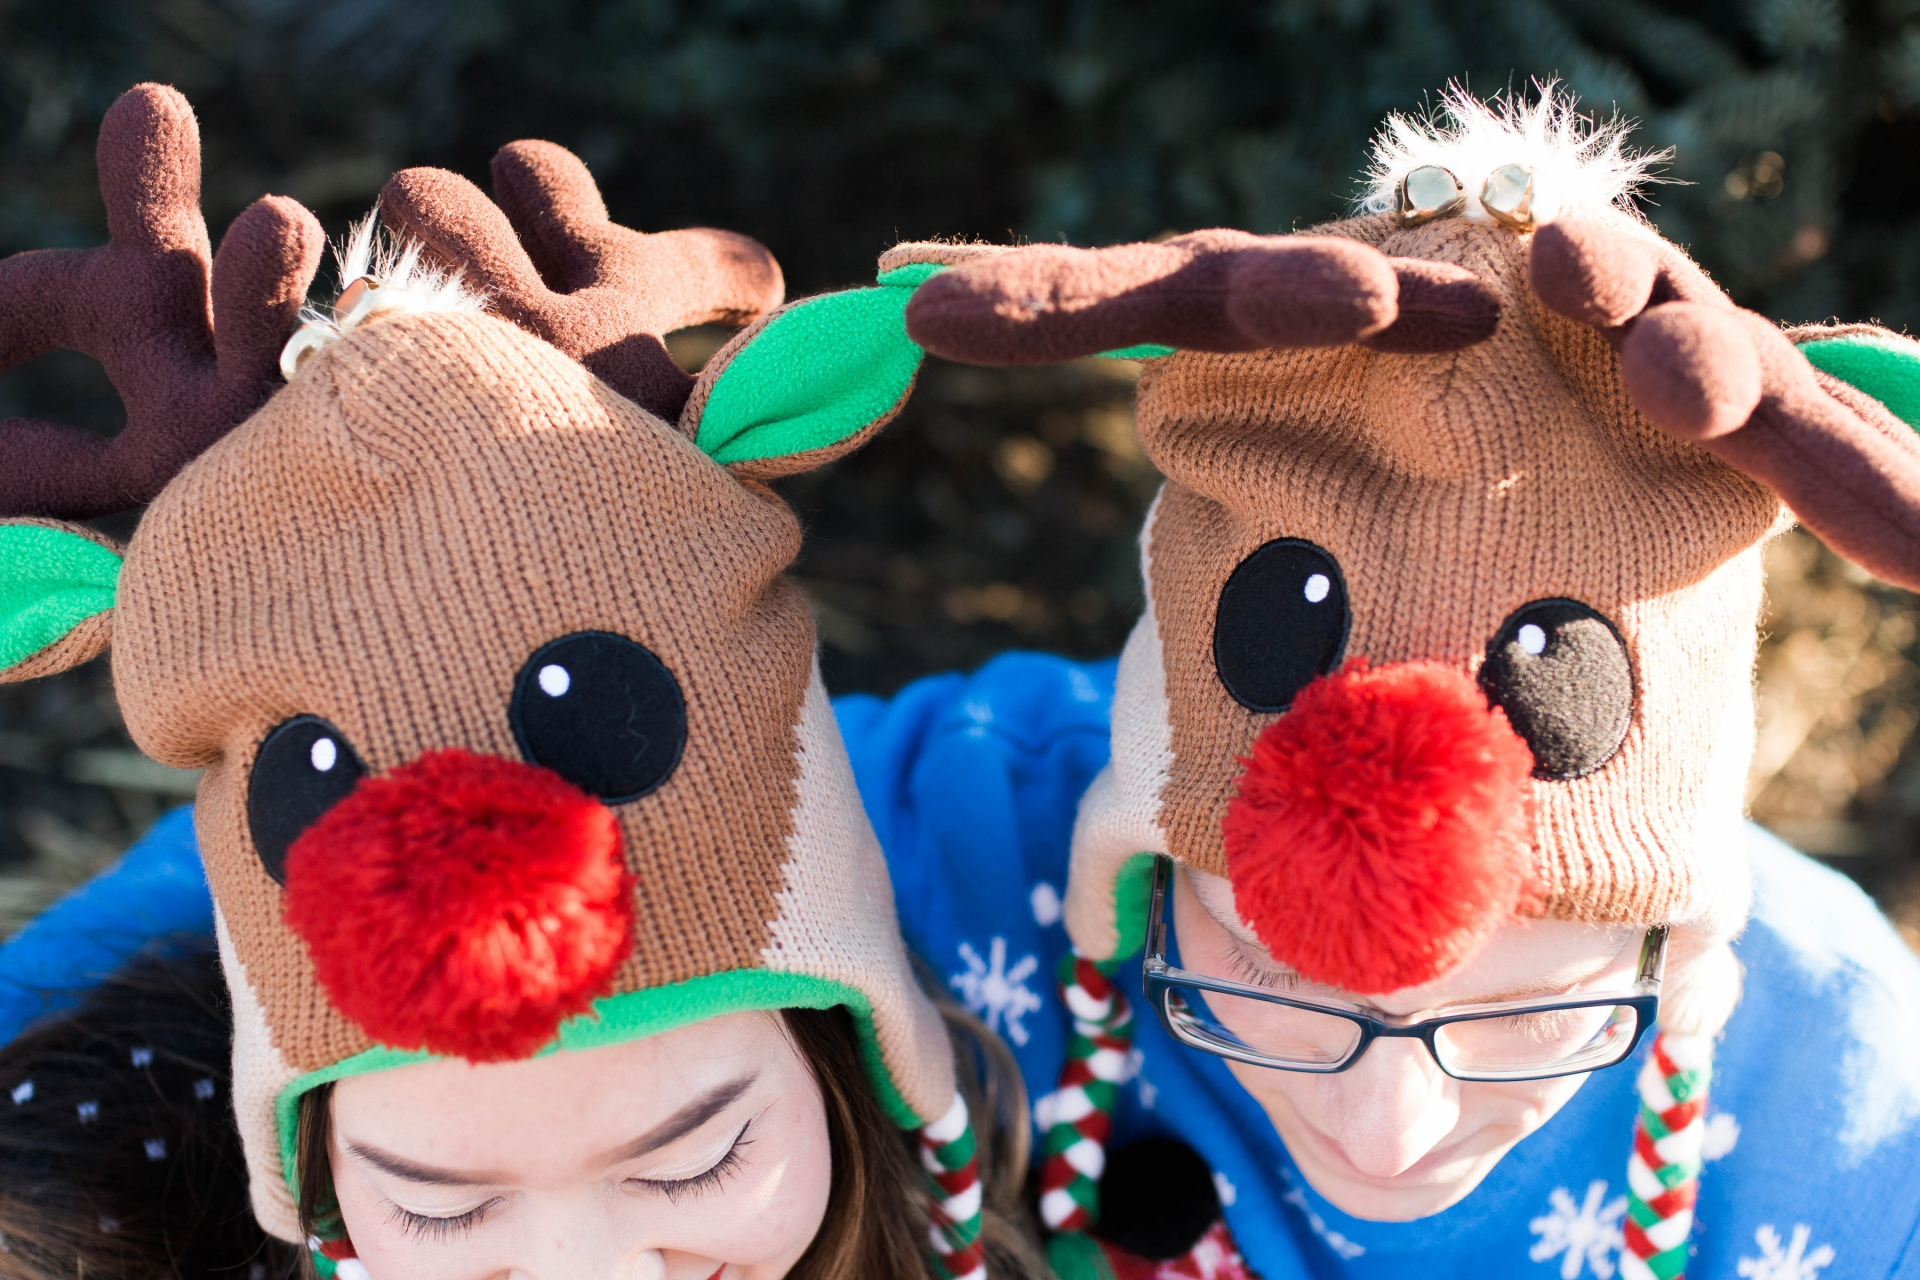 Matching Reindeer Beanies